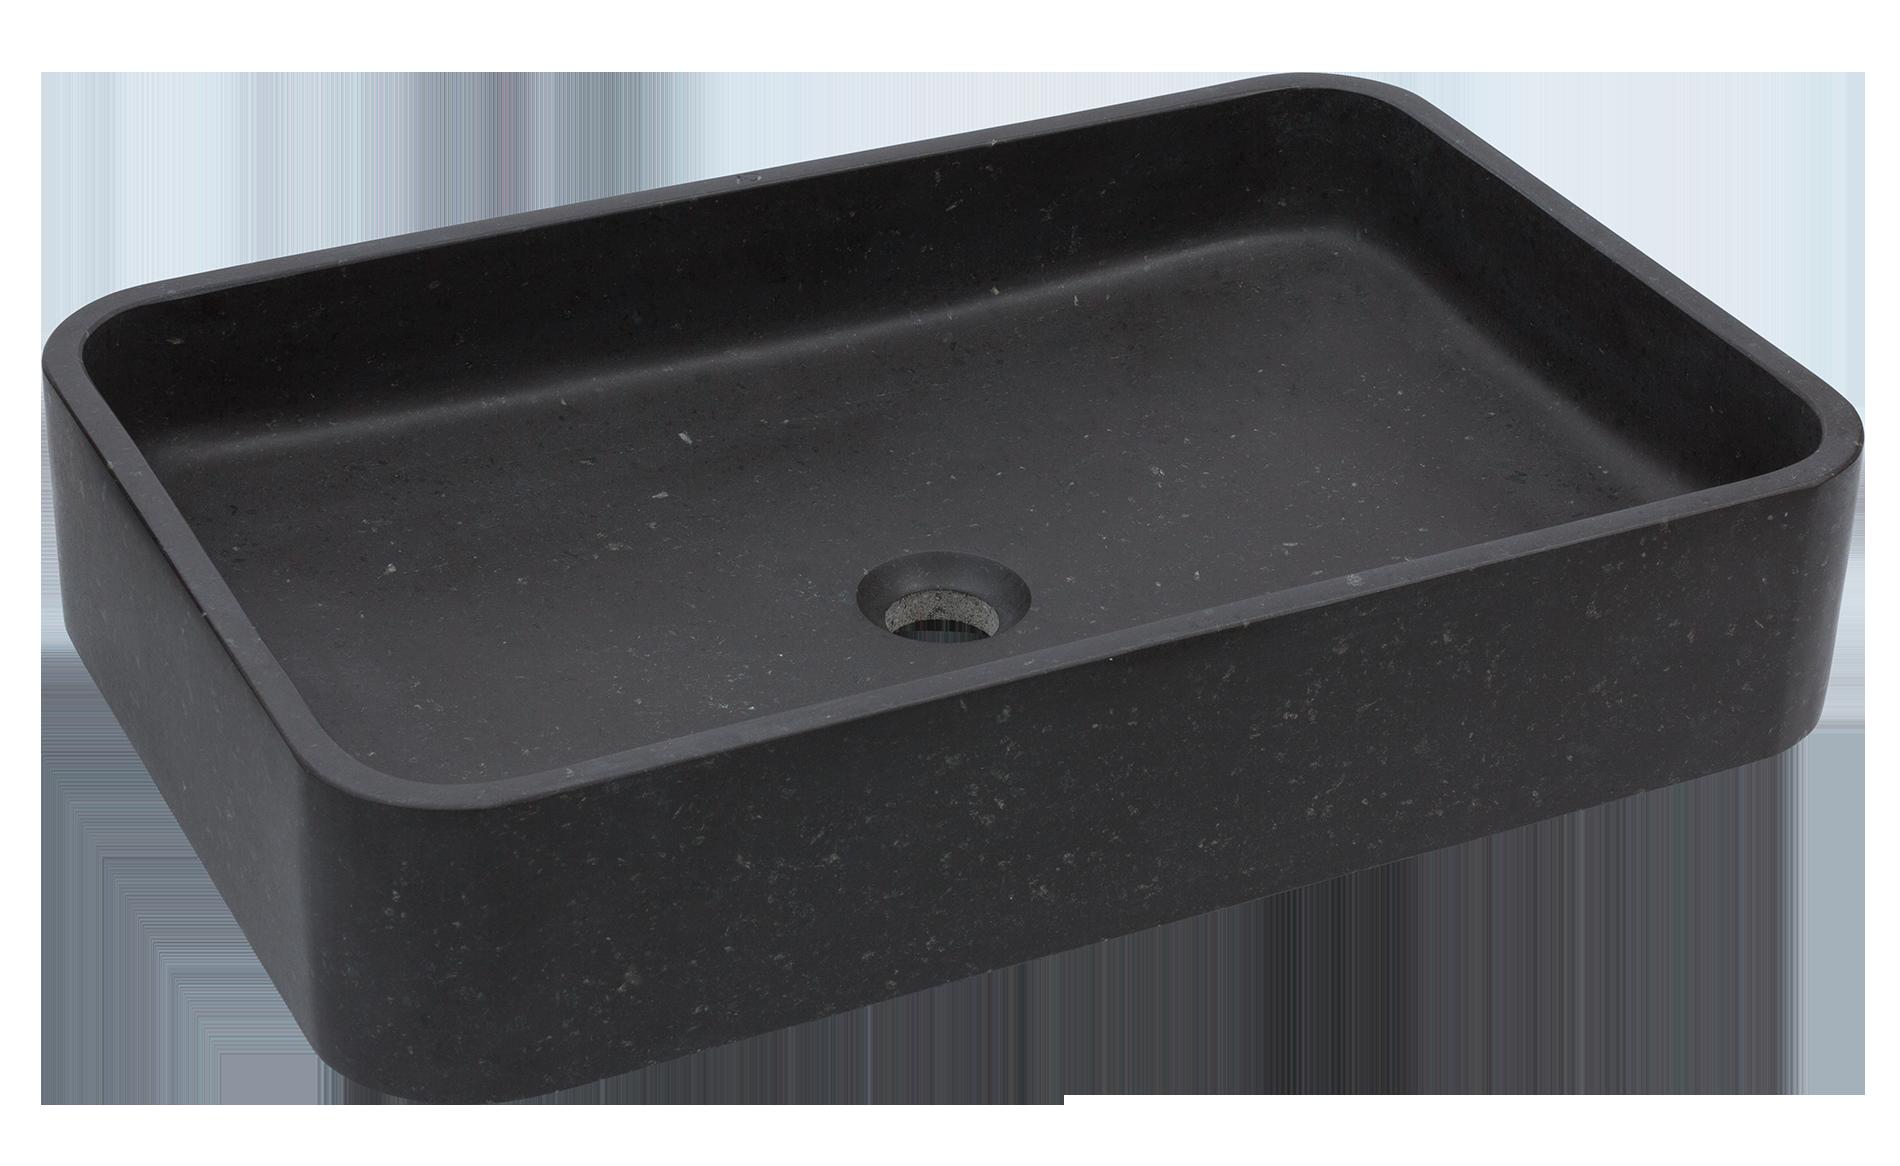 wygodna umywalka z kamienia naturalnego, czarna umywalka z trwałego kamienia